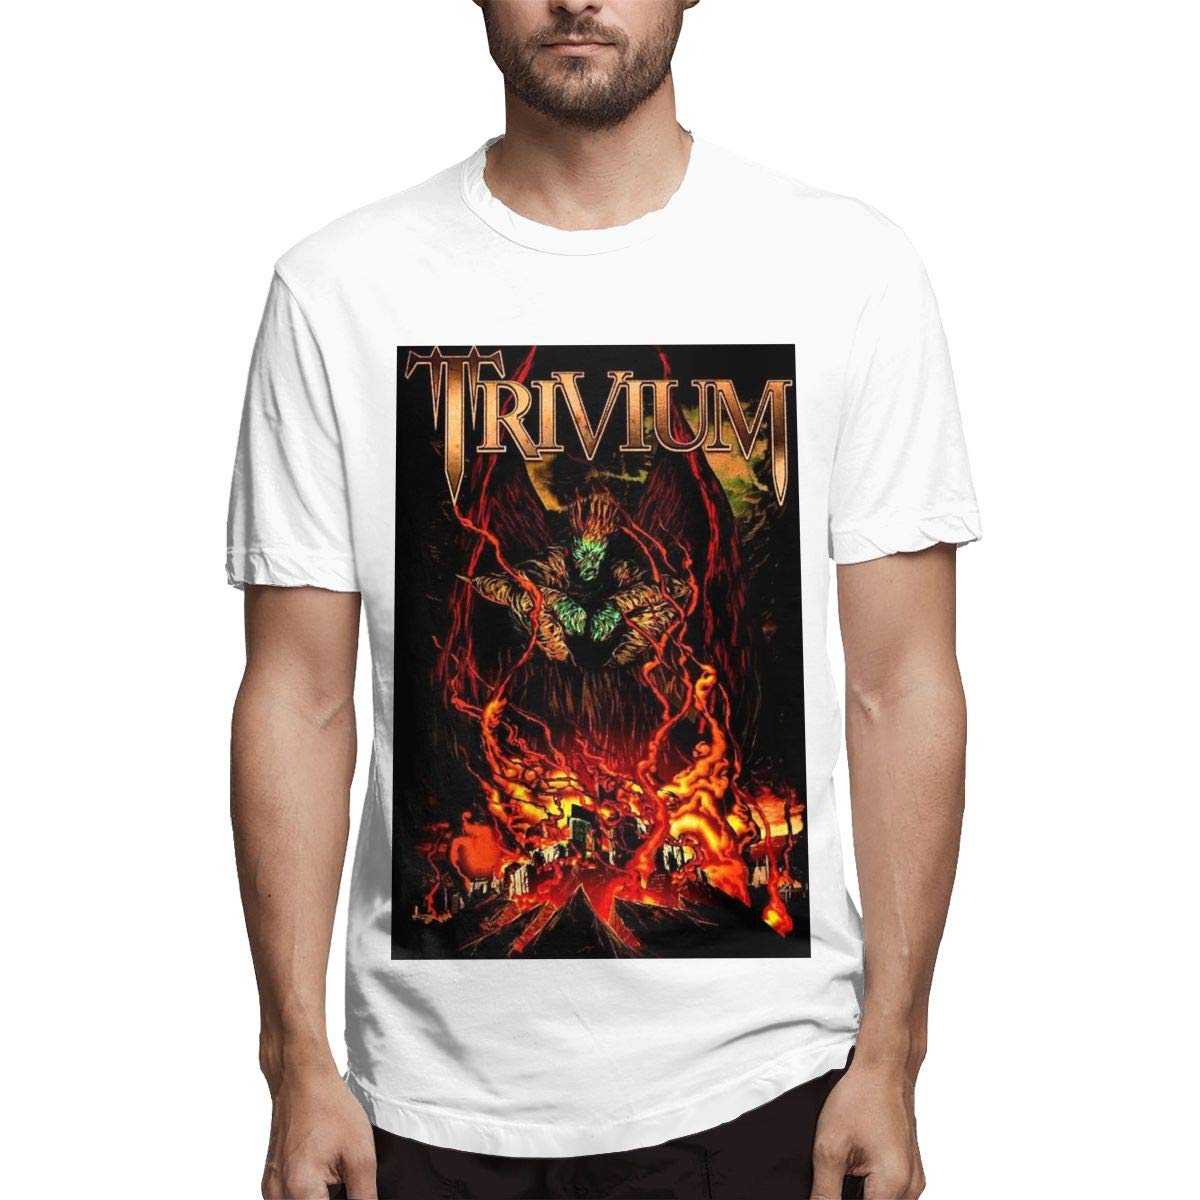 Lihehen S Trivium Fashion Leisure Round Neck Shirts